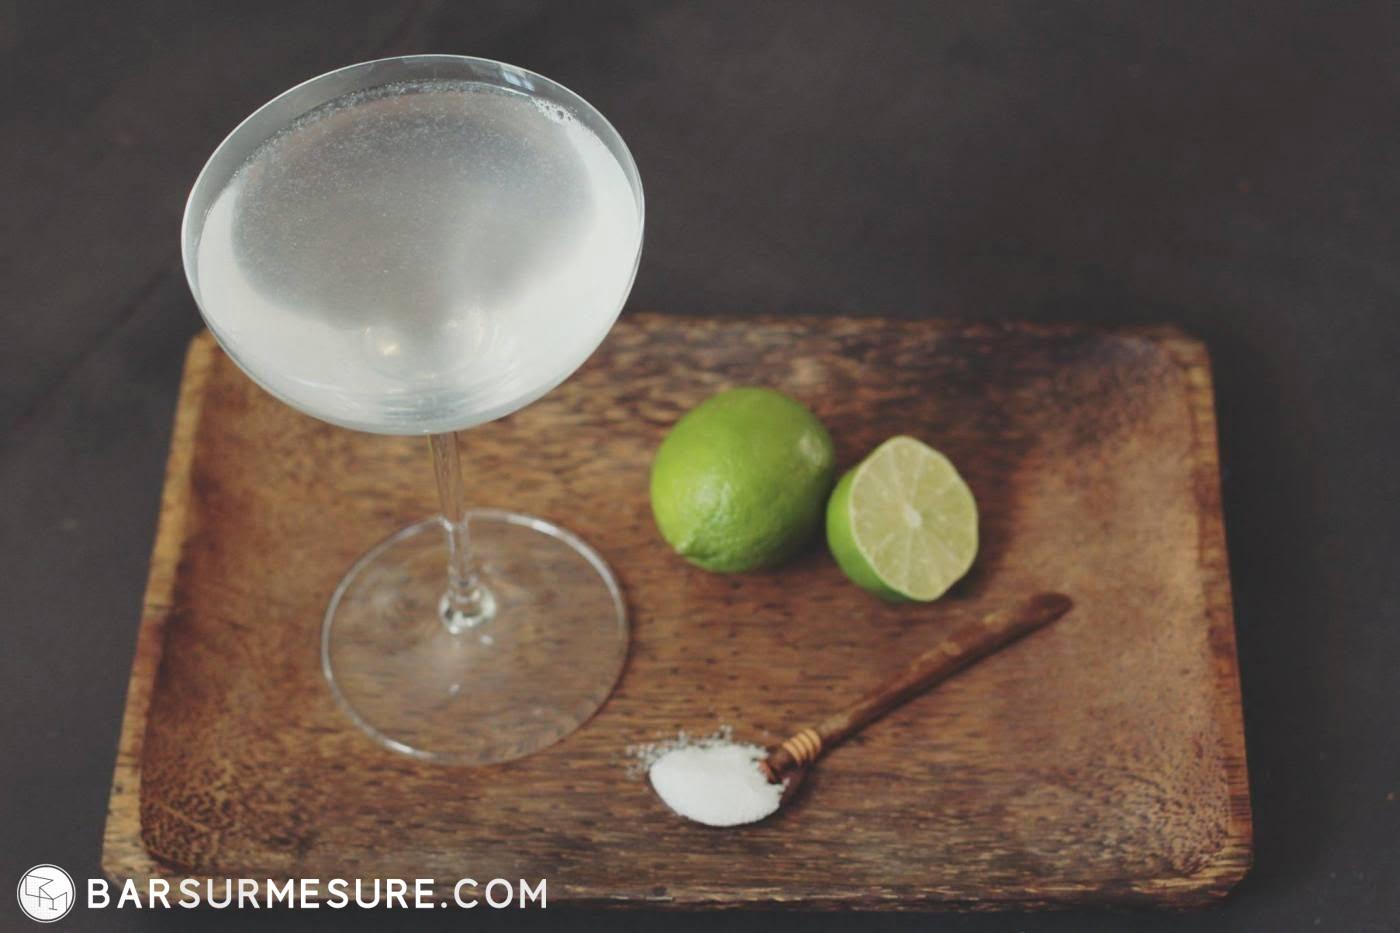 bar sur mesure station custom cocktail bar daiquiri alexis taoufiq